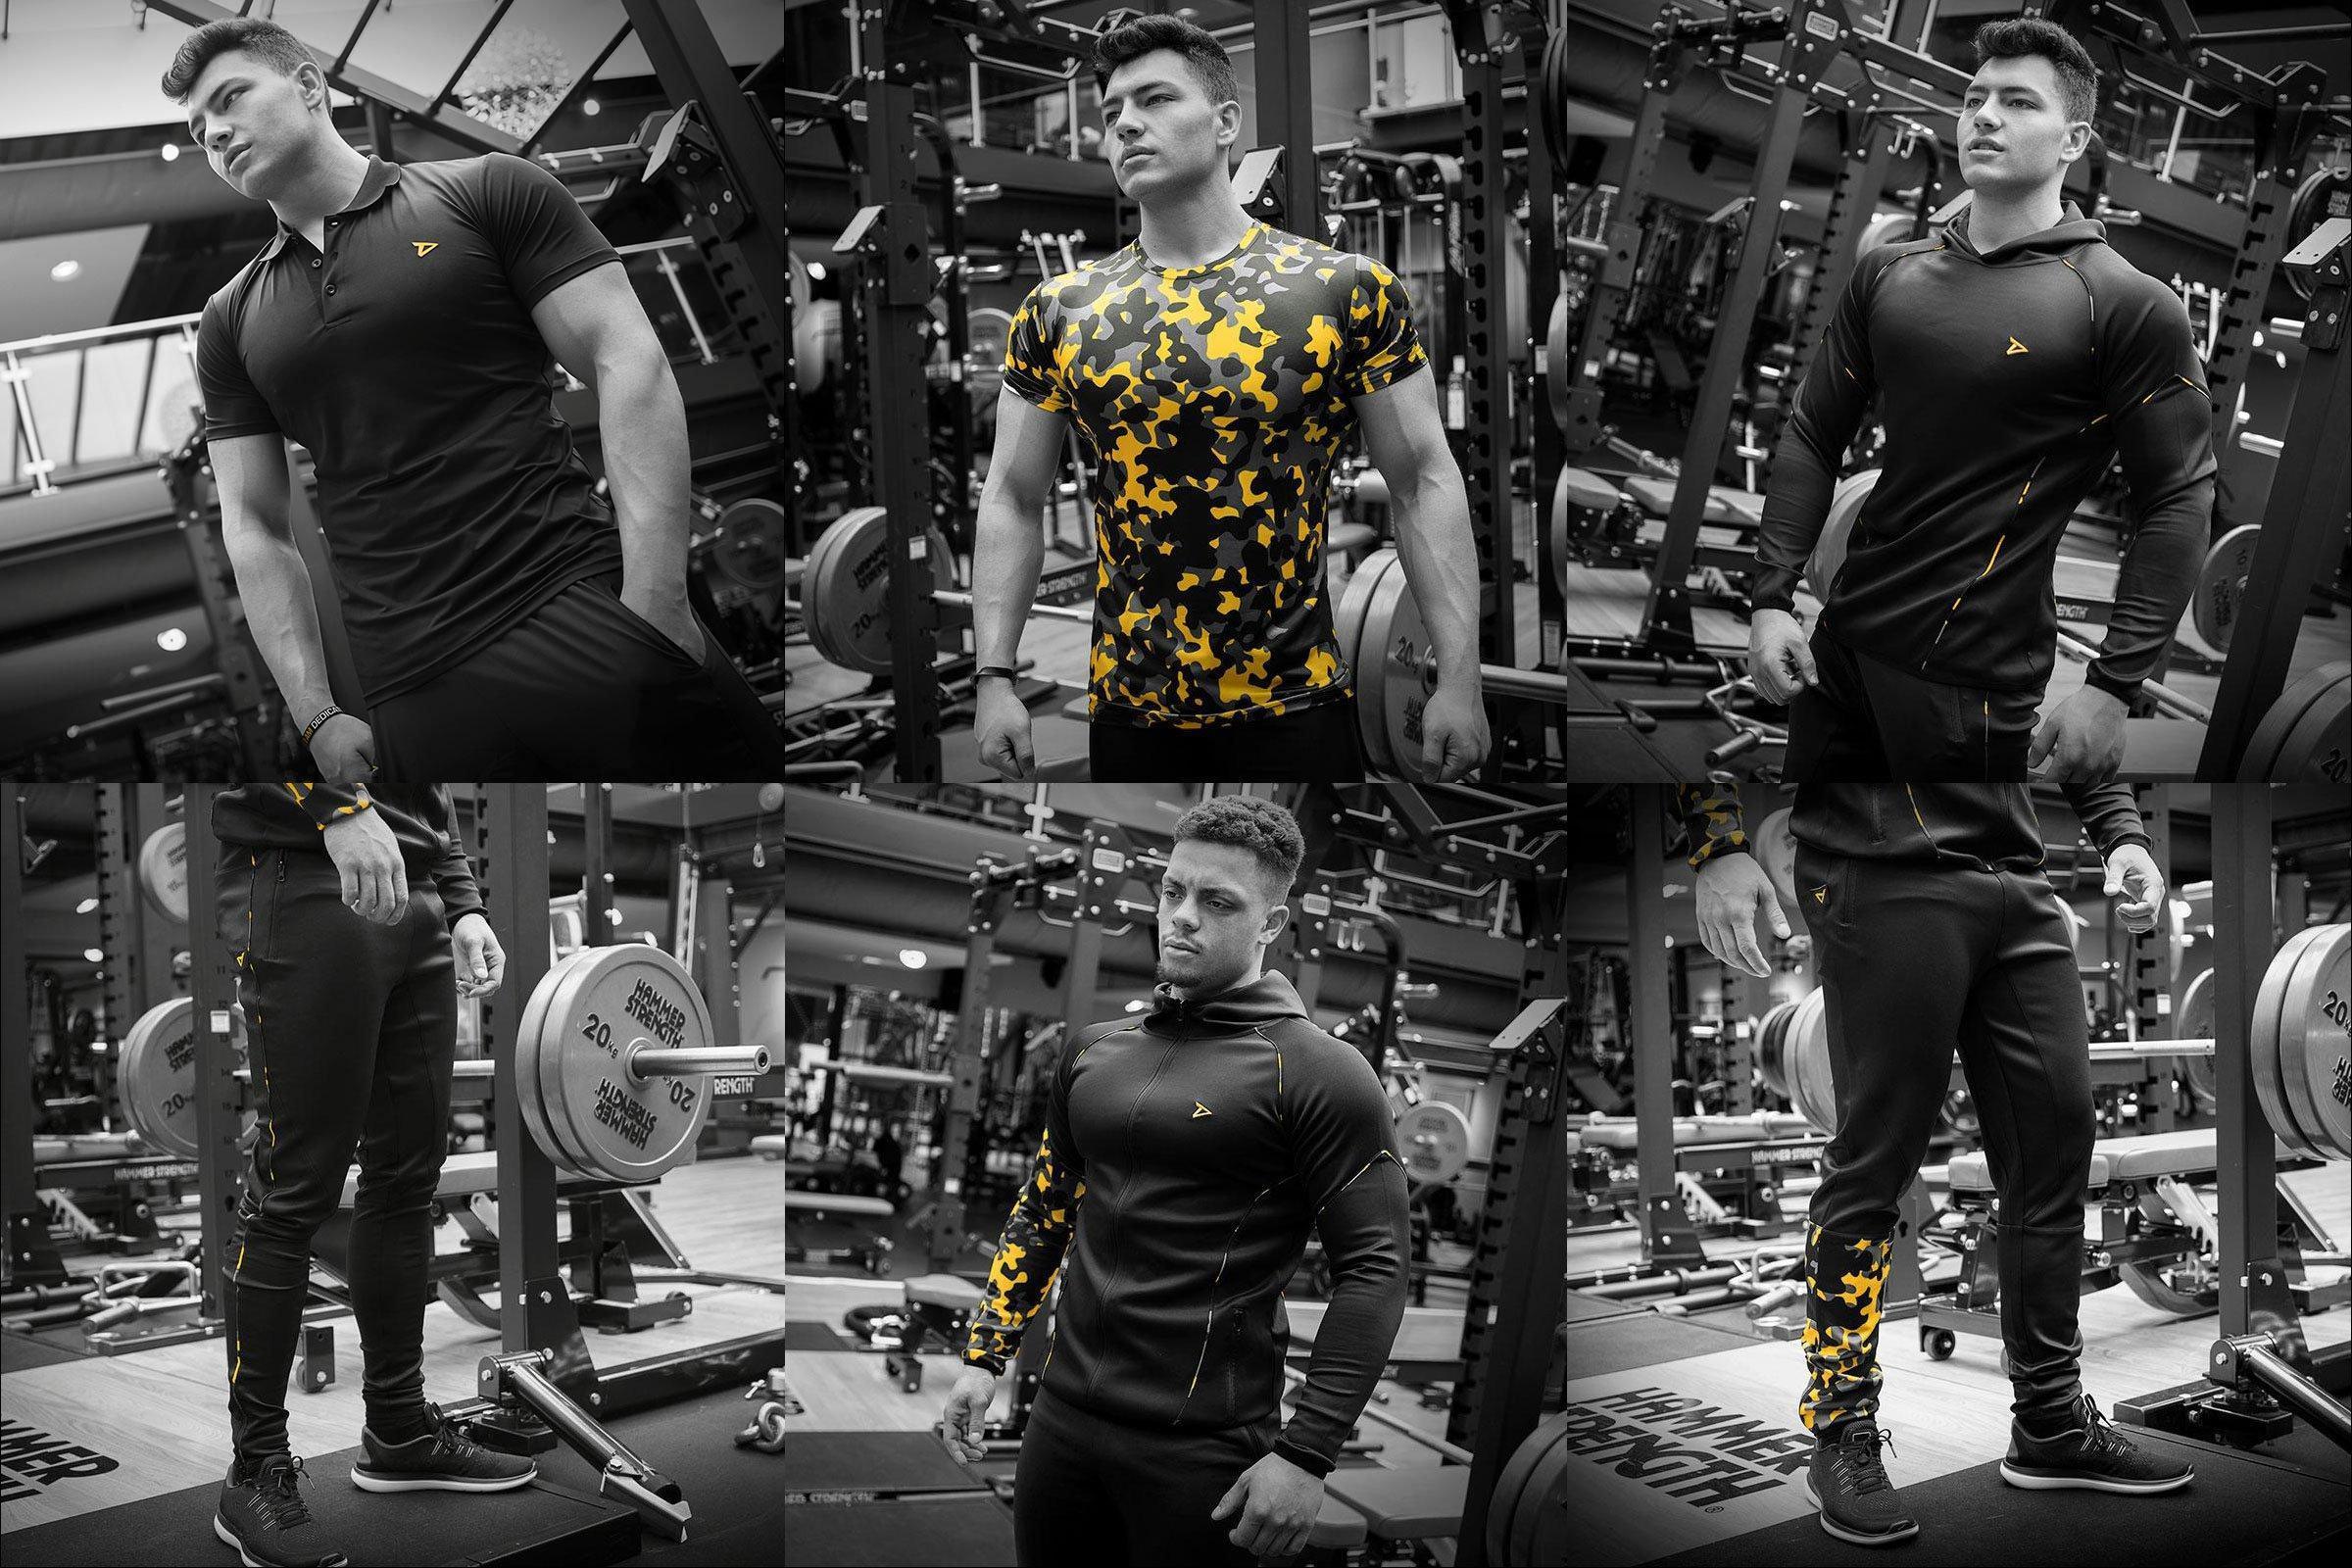 Dedicated veröffentlicht Dry-Fit Performance Shirts und Track Suits